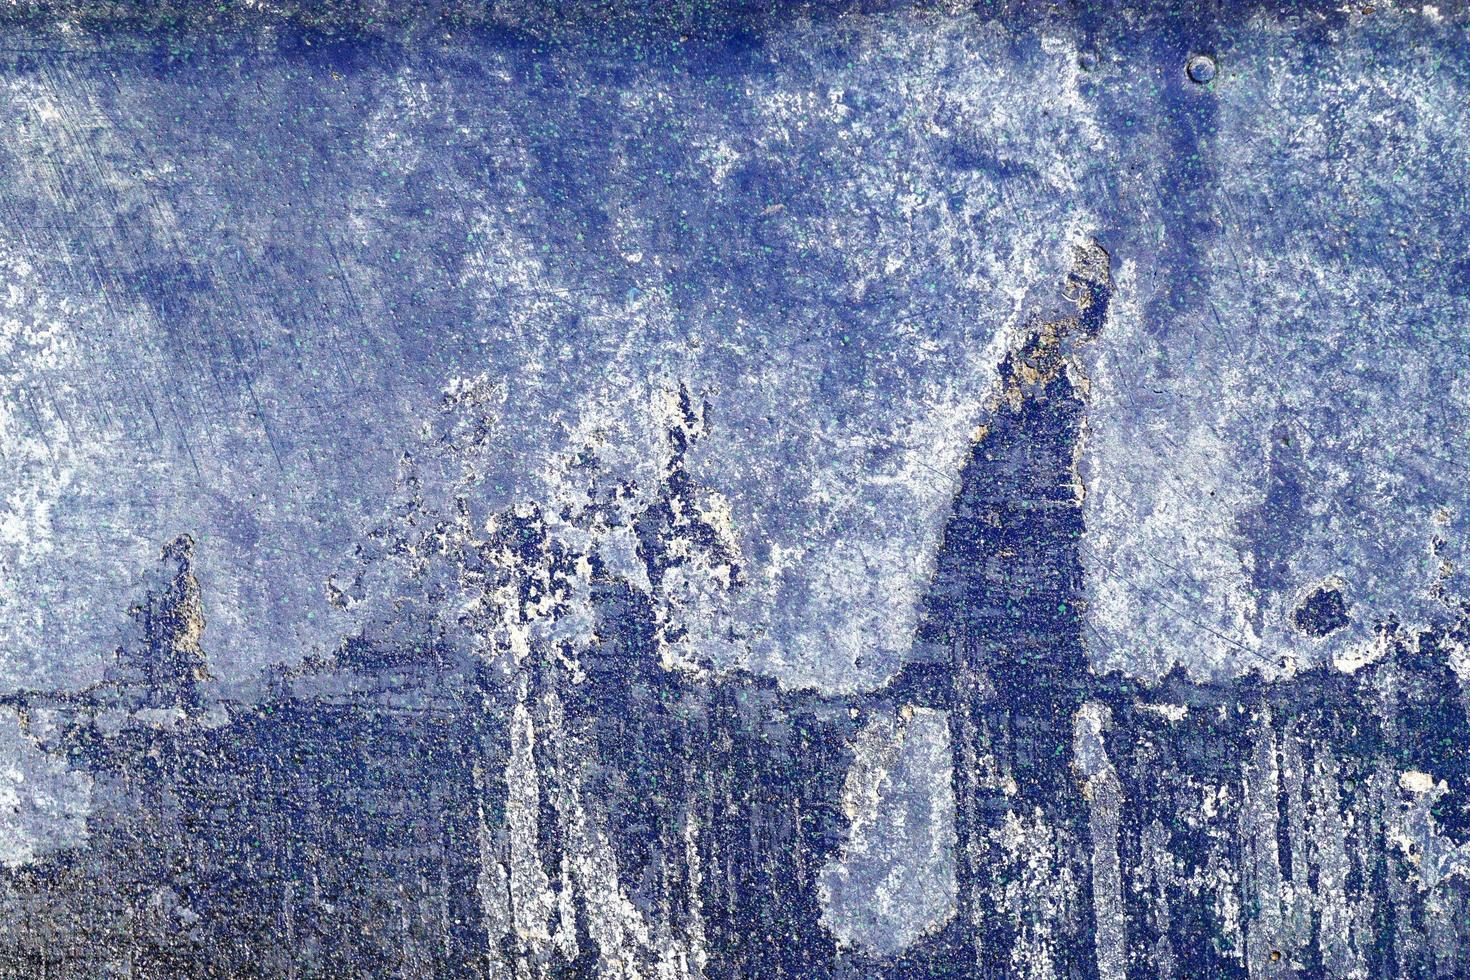 heisere, zerkratzte und geschälte Oberfläche mit blauer und weißer Farbe foto